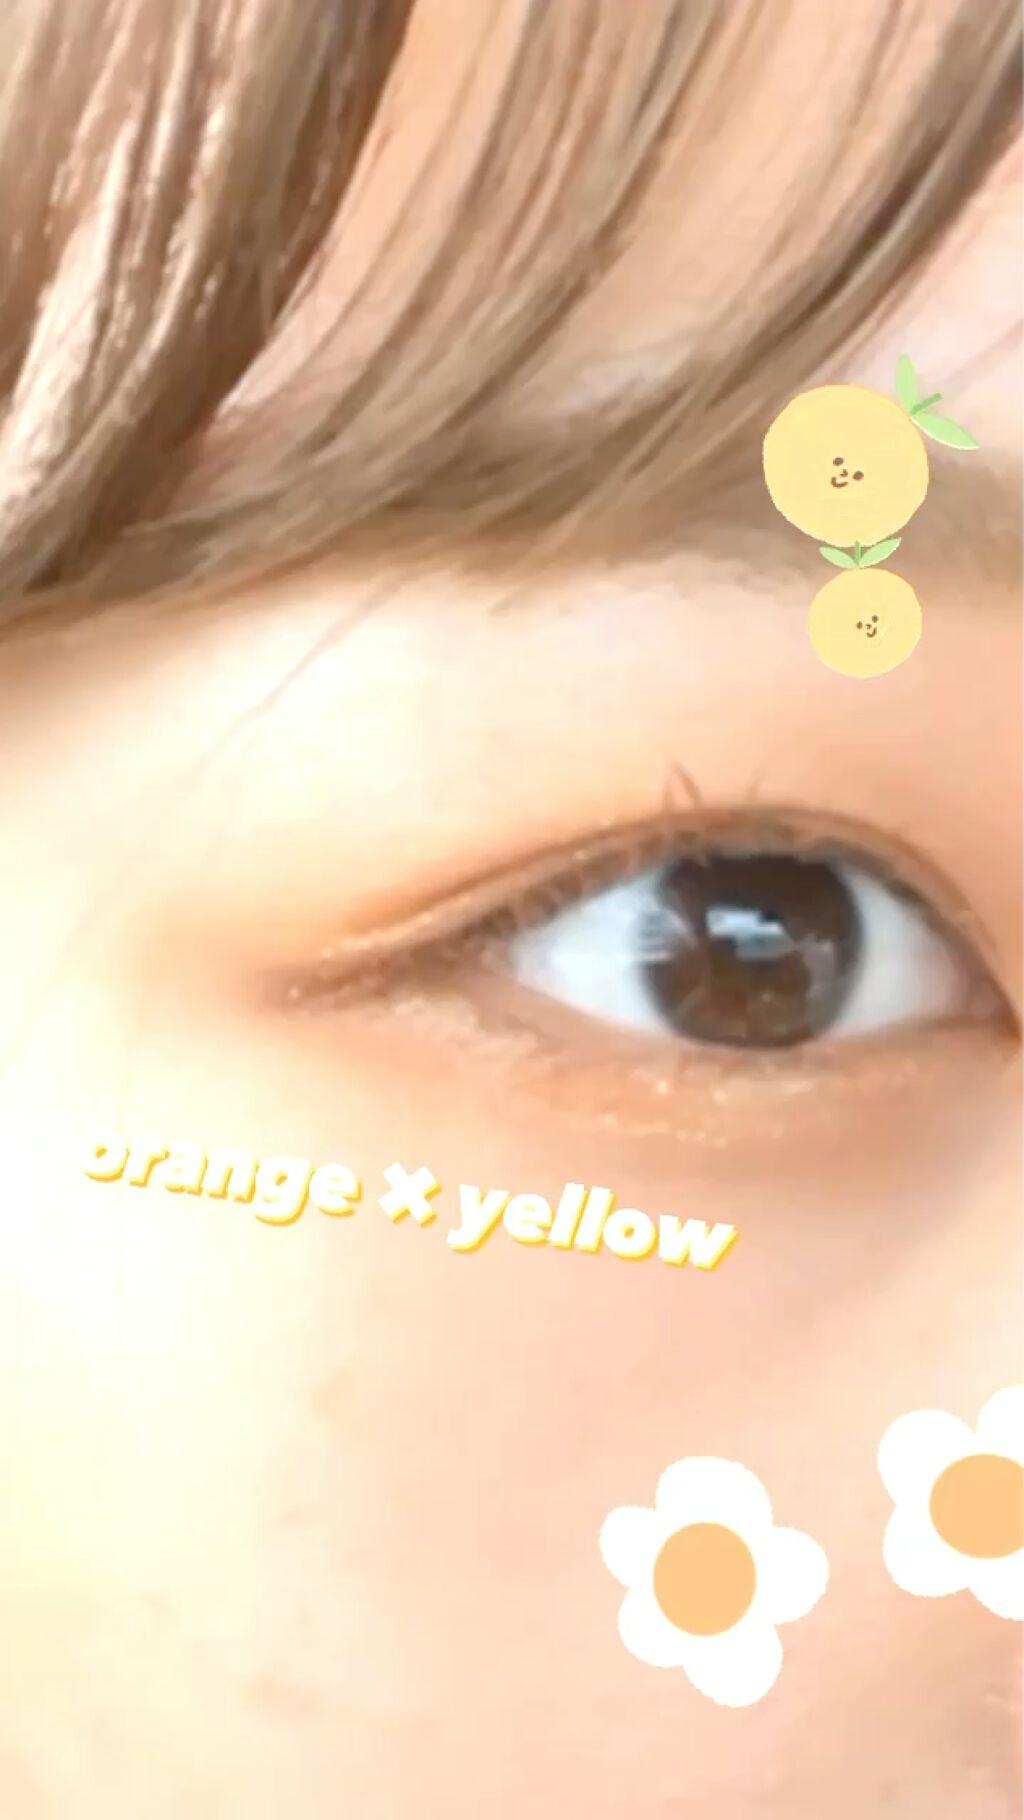 【動画付きクチコミ】🍊#innisfreeで作るイエローオレンジメイク!夏にピッタリなジューシーメイク🍊#イニスフリーのコスメを中心に、イエローオレンジメイク😌めちゃくちゃ可愛く仕上がりました🧡🧡-----------------------------...